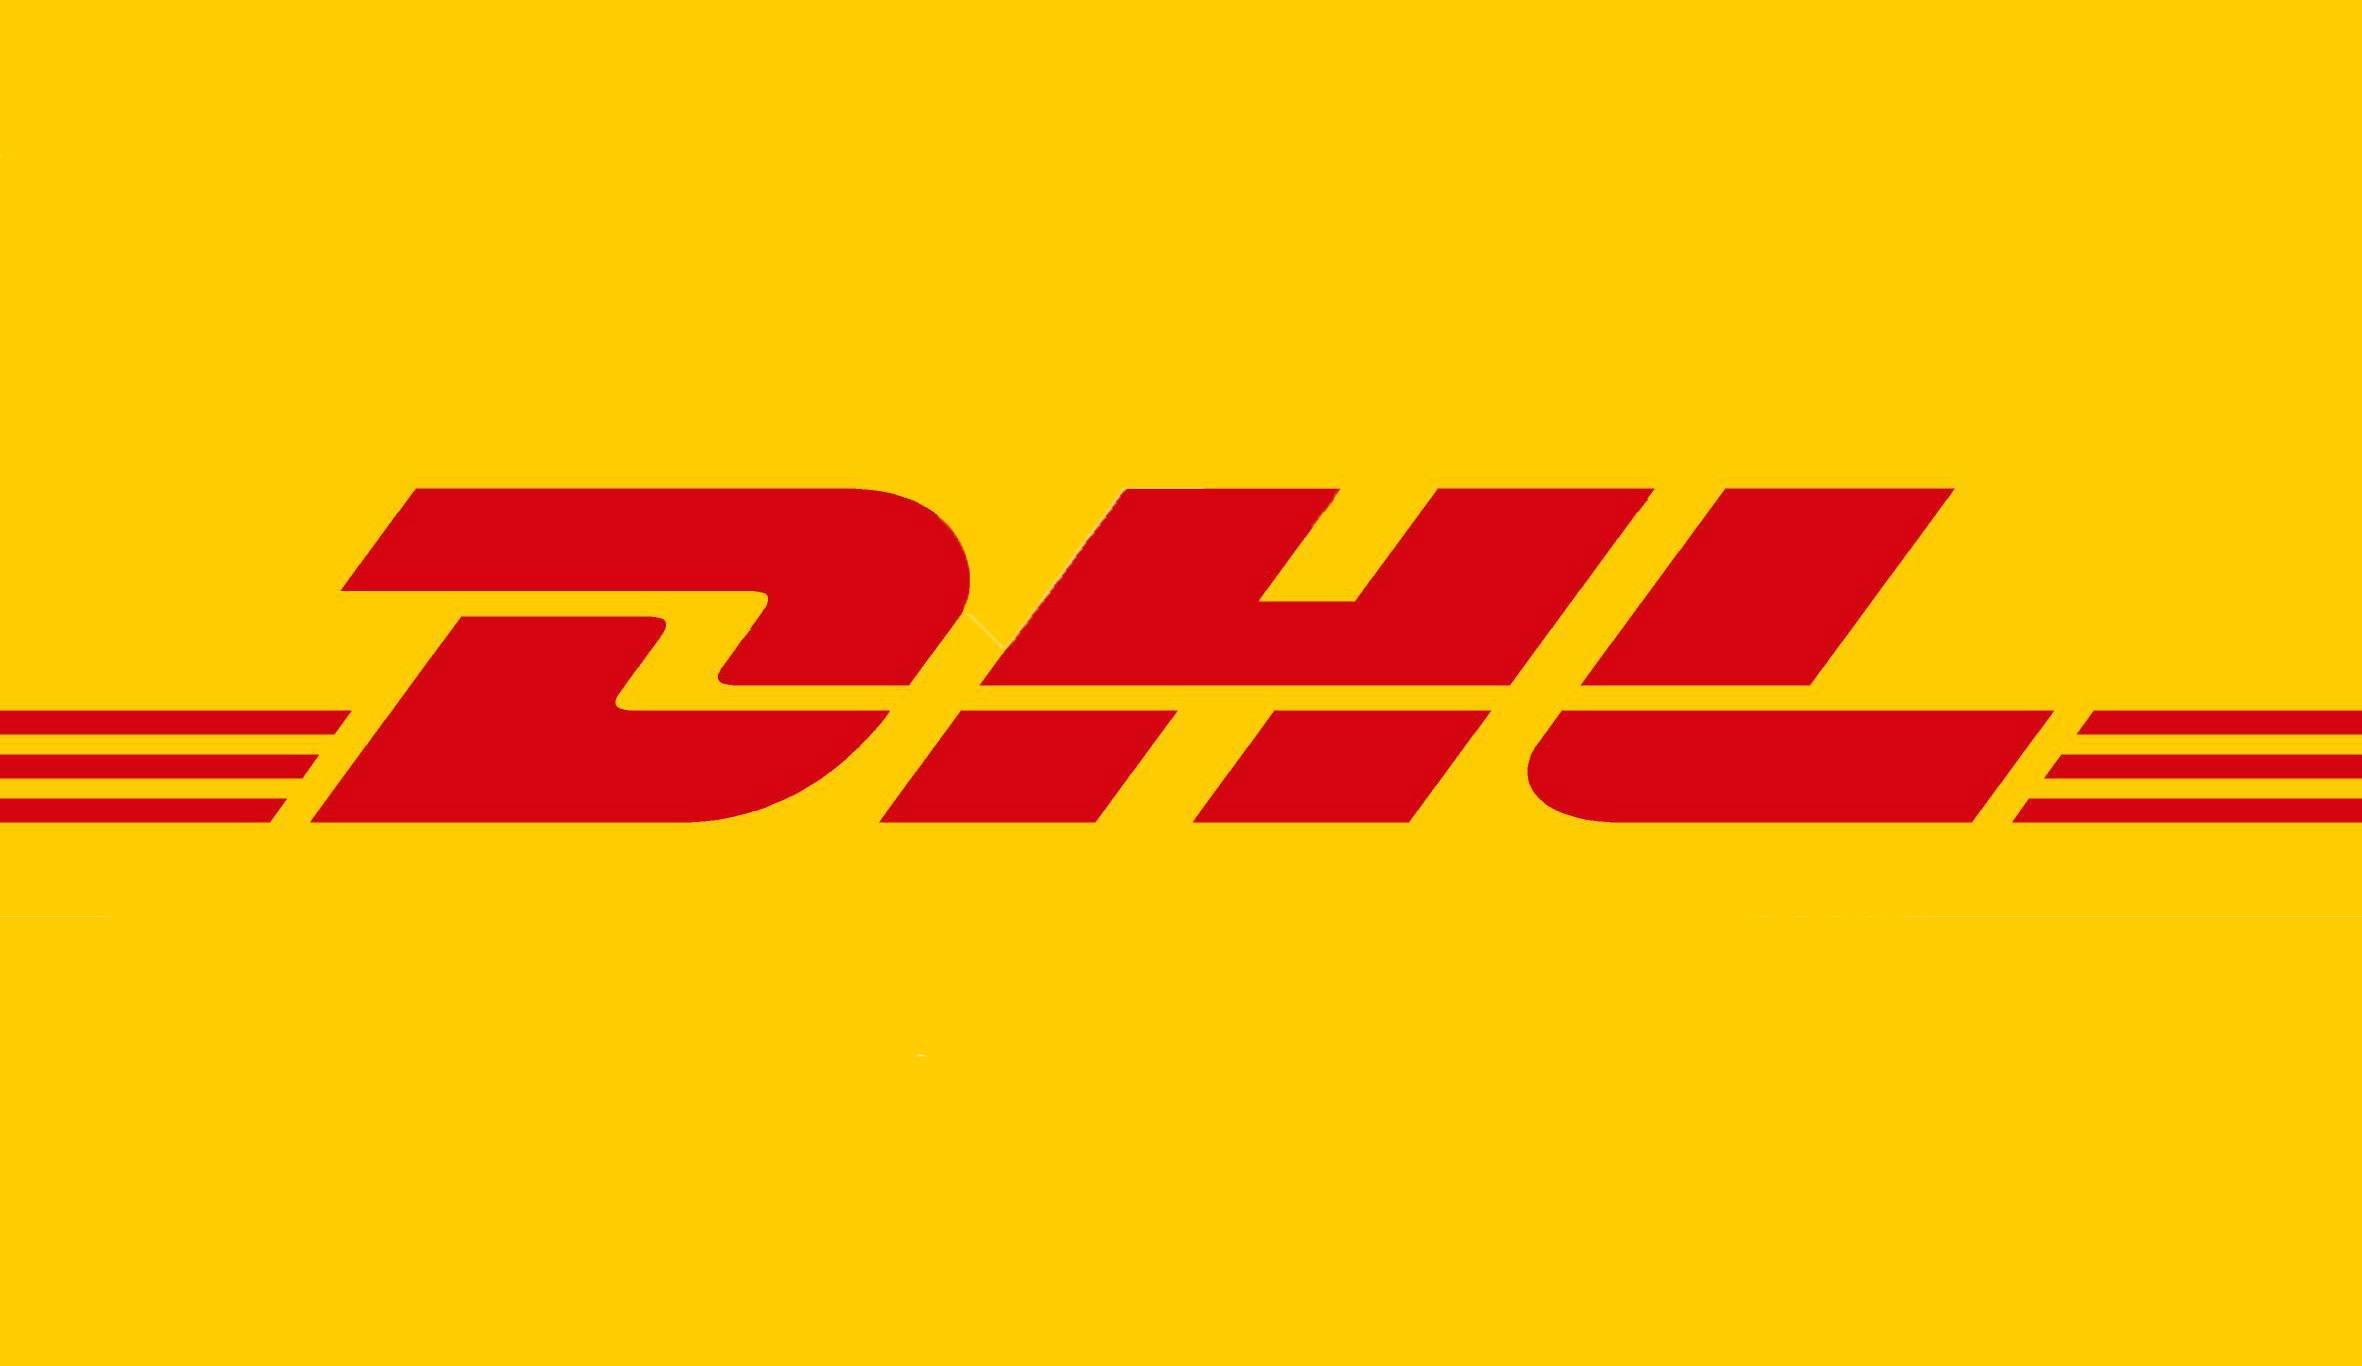 DHL Sverige